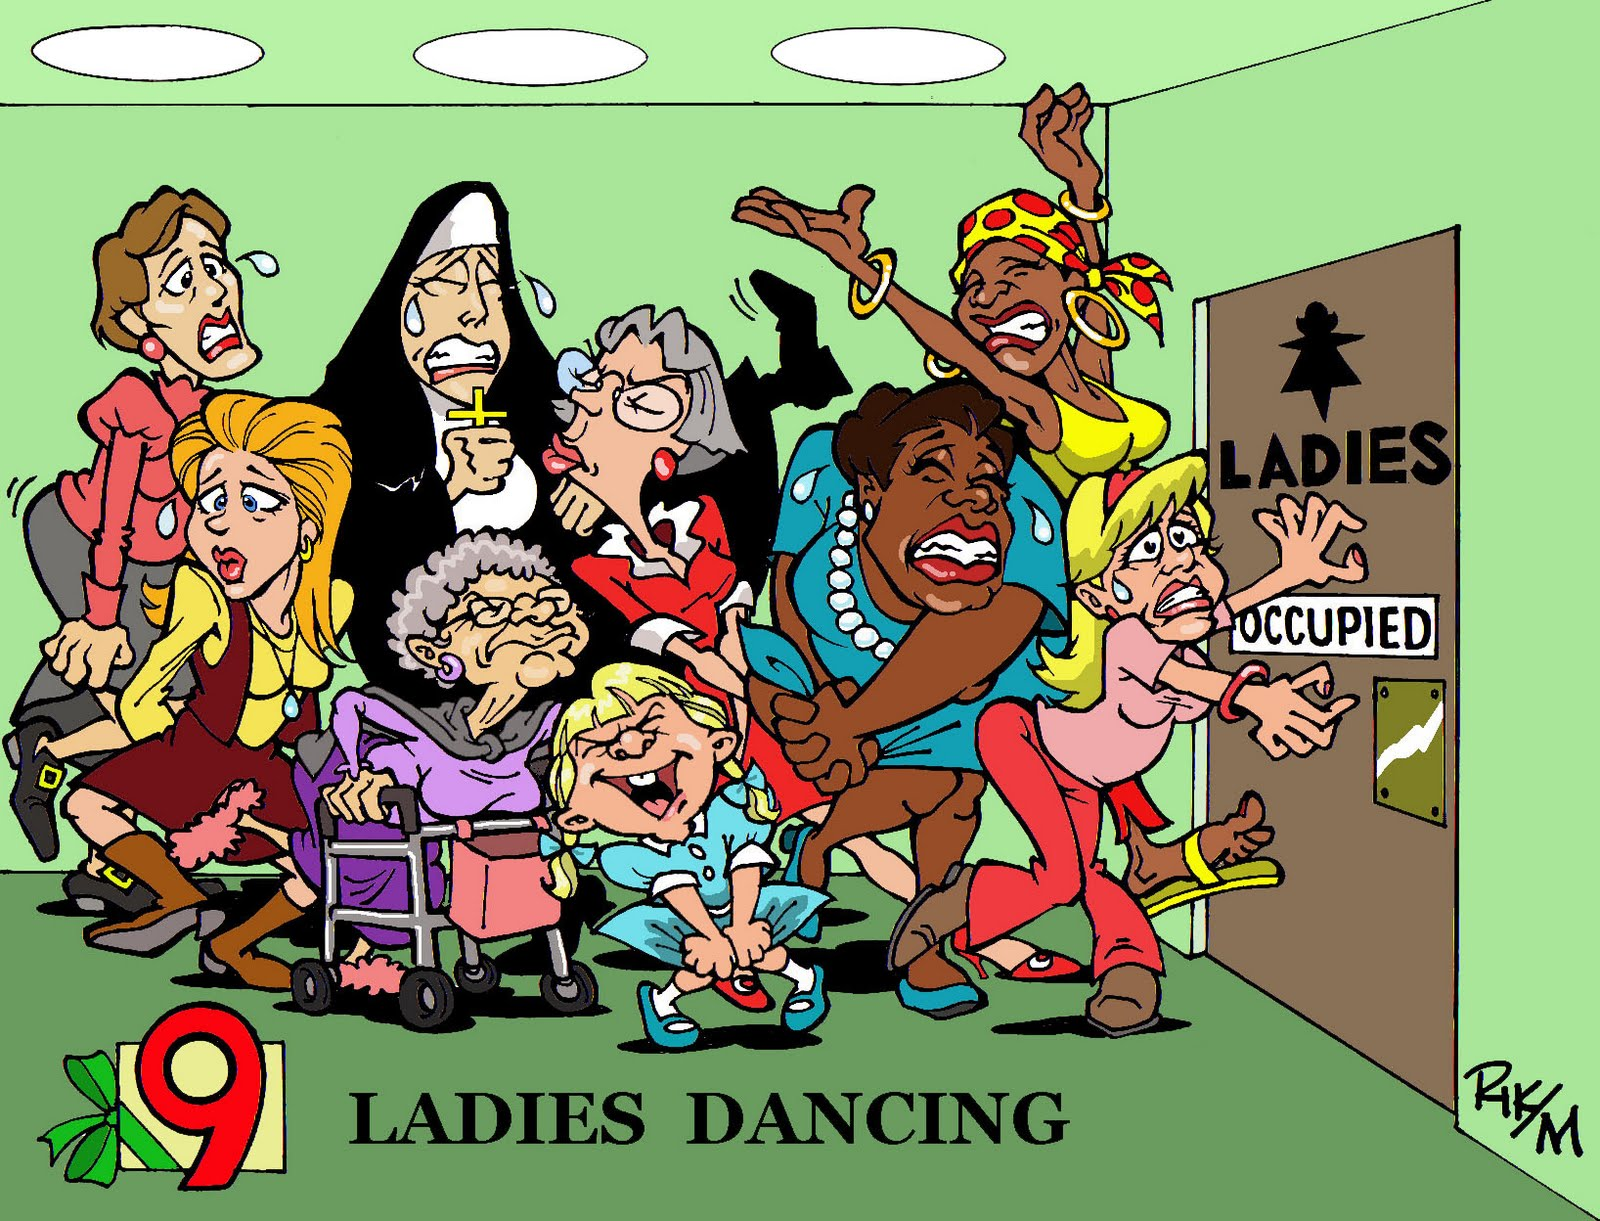 Riktoonz -- Cartoonist/Caricaturist Rick C. Moore: On the 9th ...